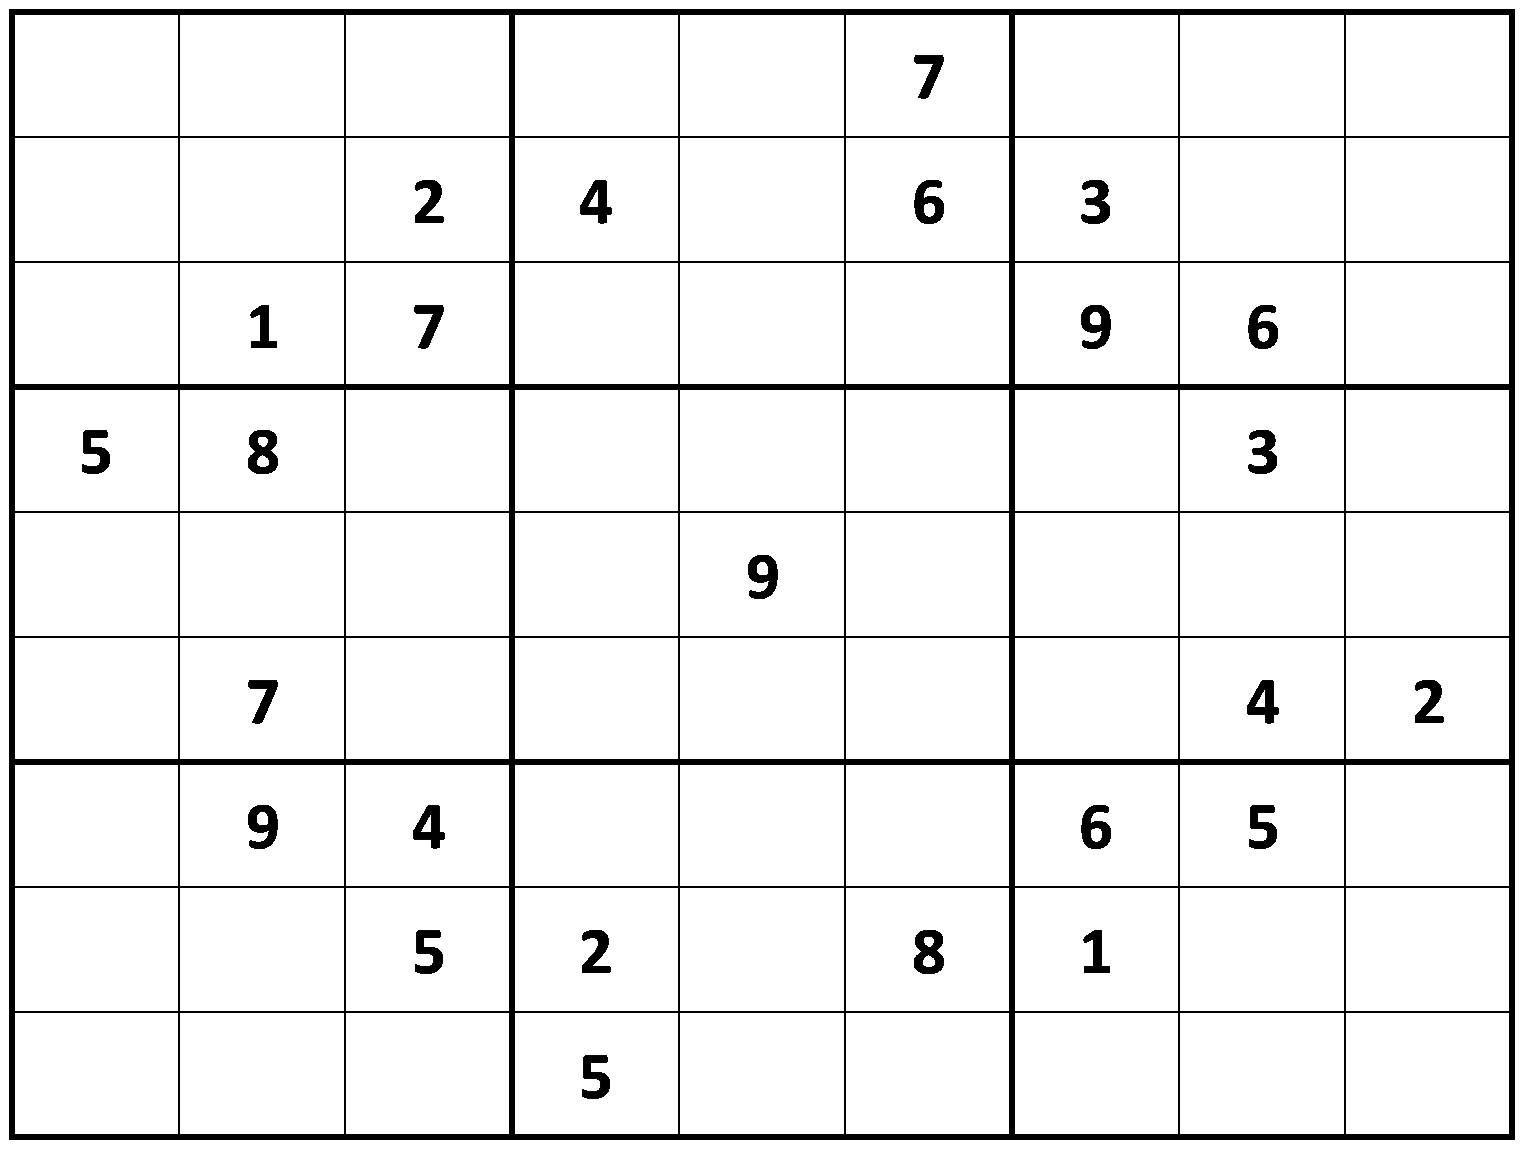 Printable Hard Sudoku | Printable - Difficult Sudoku Puzzles - Printable Sudoku Puzzles Uk